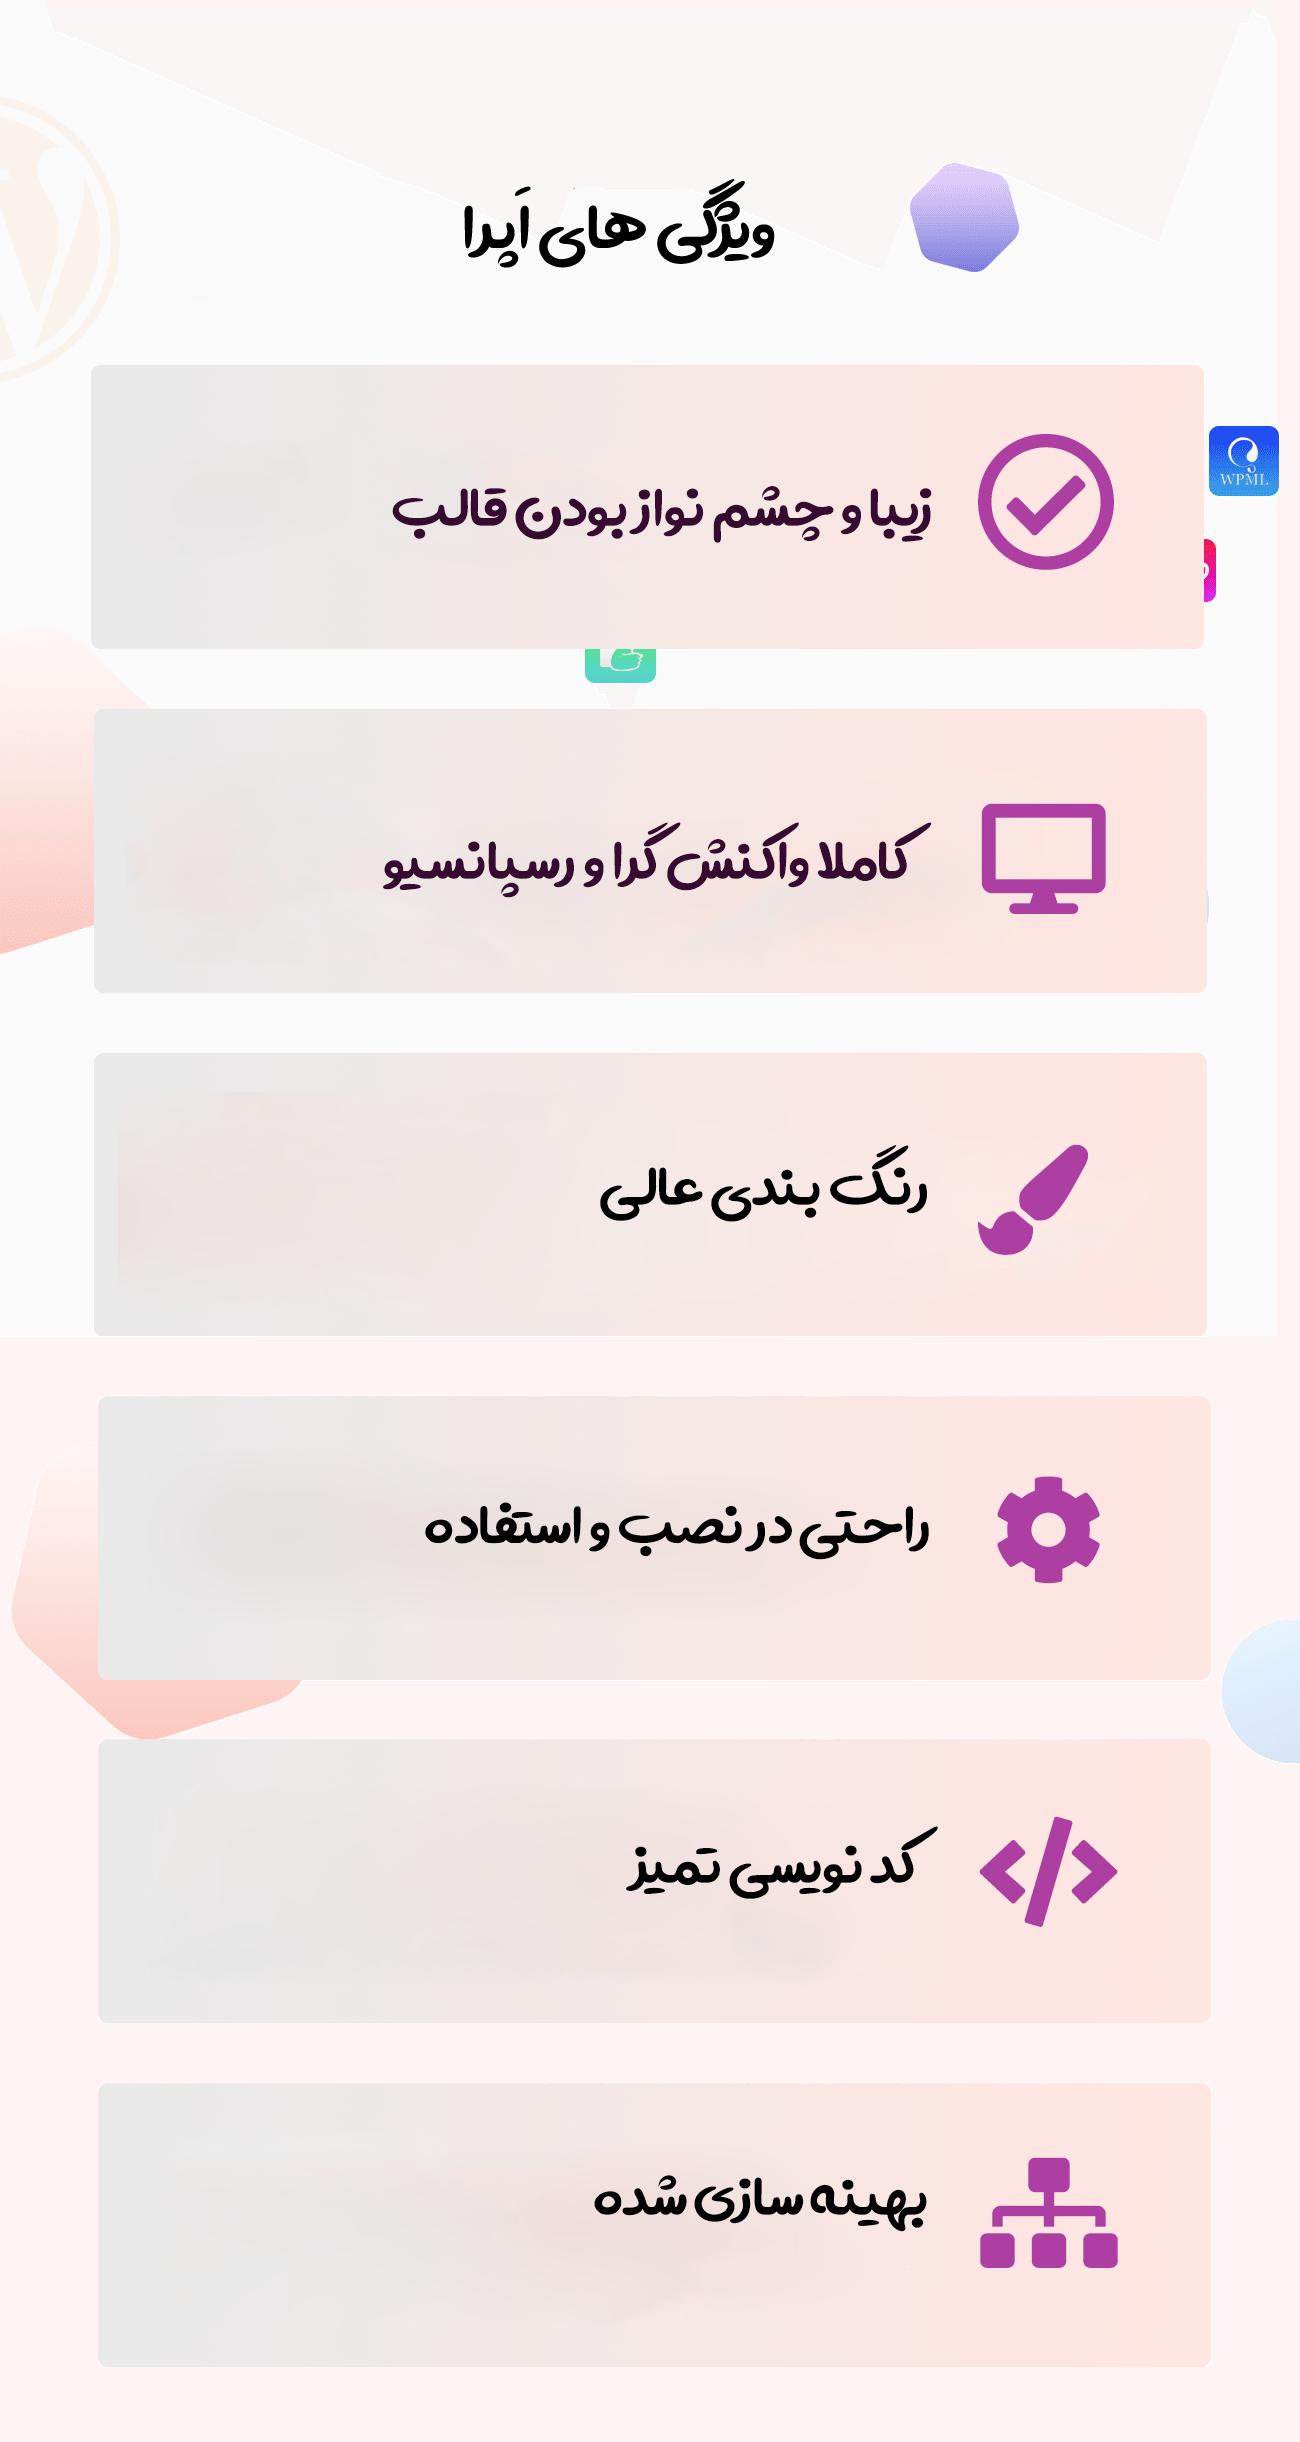 ویژگی های قالب معرفی اپلیکیشن اپرا